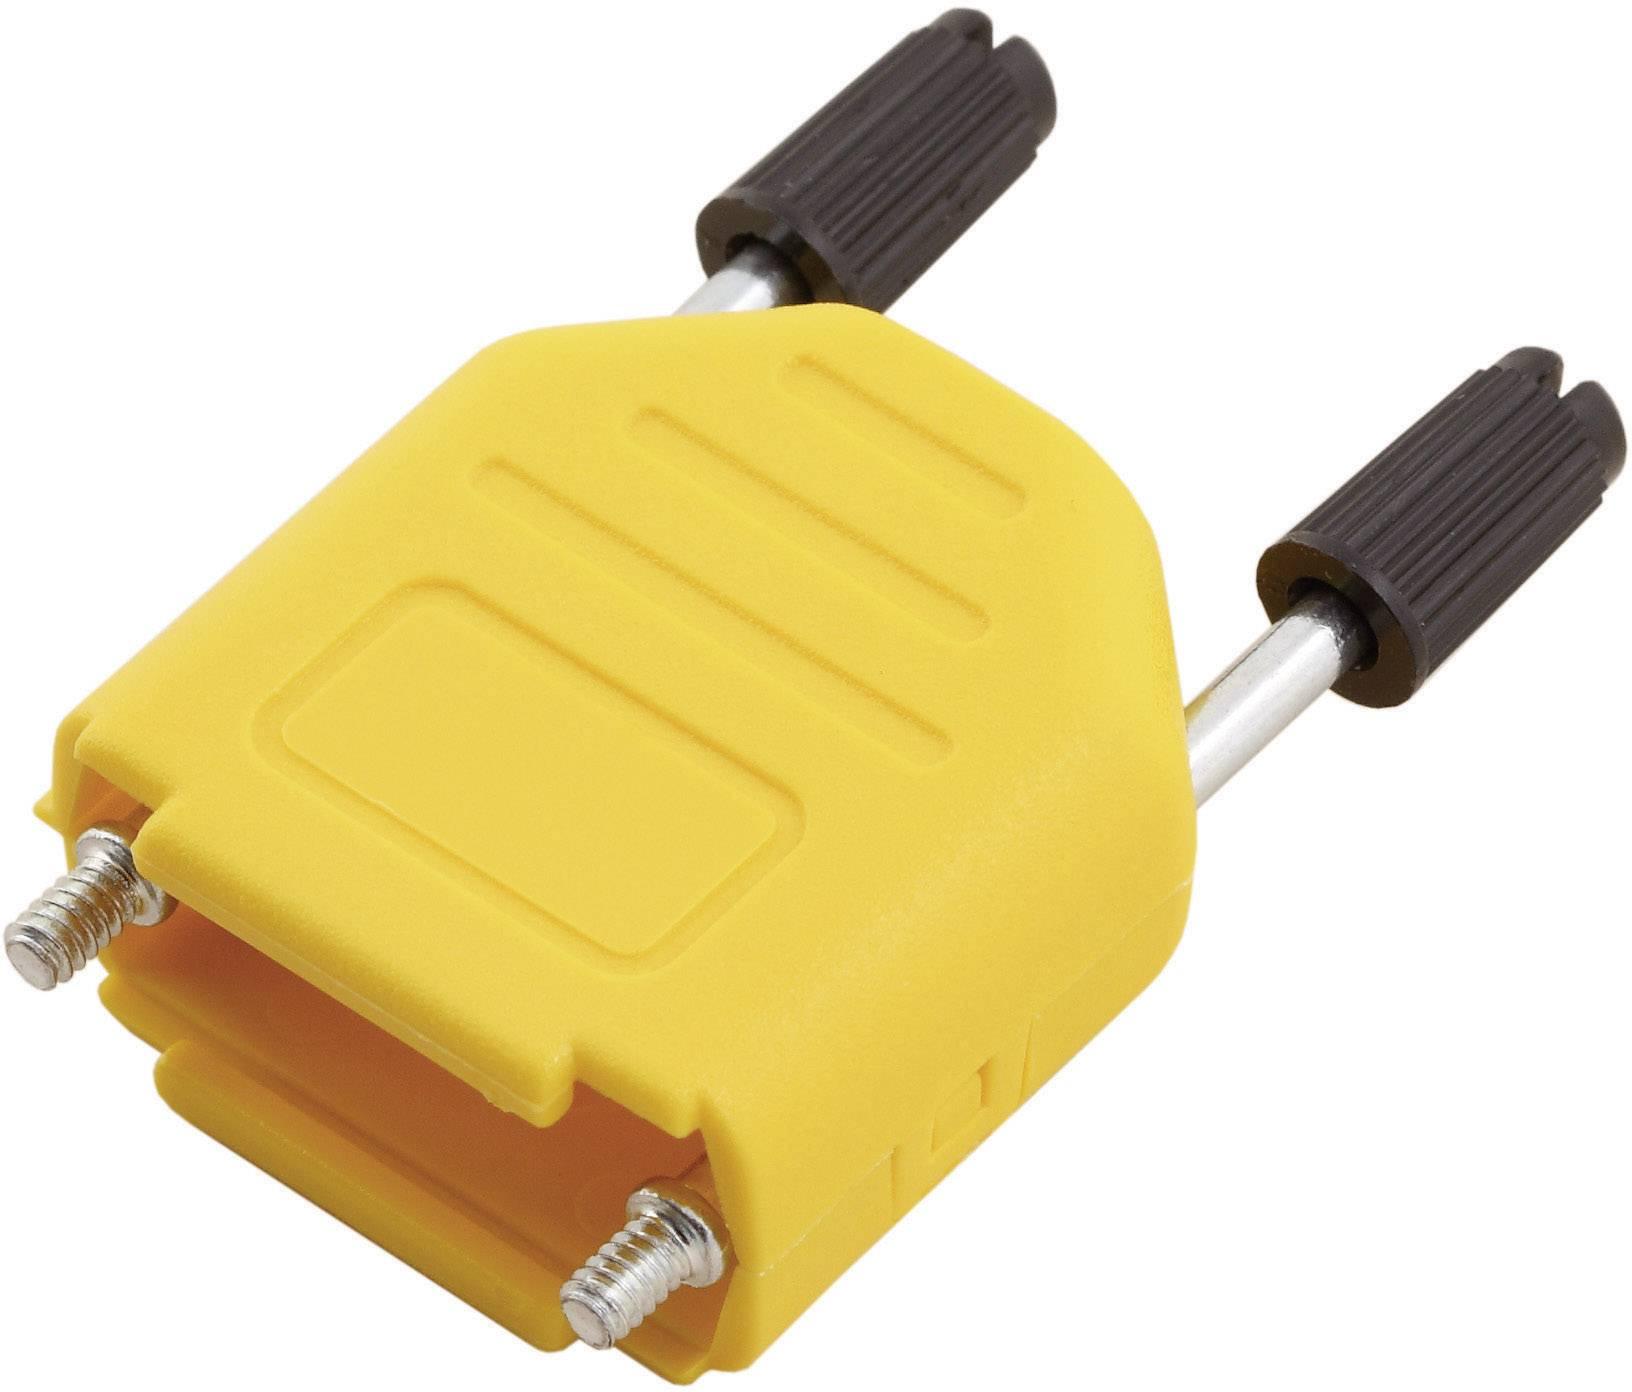 D-SUB pouzdro MH Connectors MHDPPK25-Y-K, Pólů: 25, plast, 180 °, žlutá, 1 ks